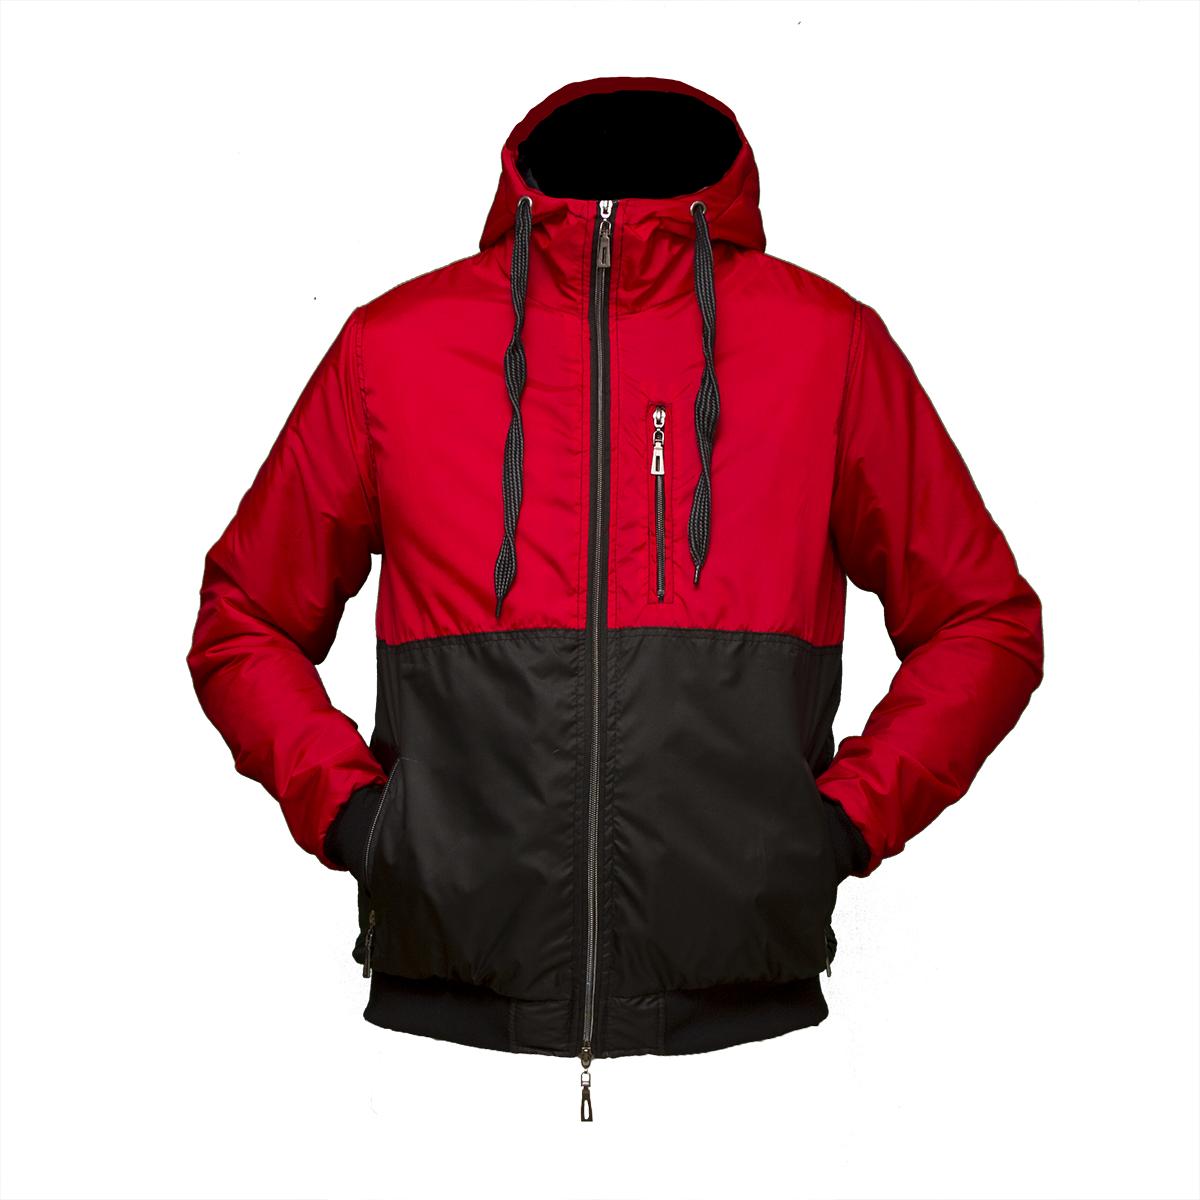 8e058dd5 Мужская красная куртка ветровка пр-во. Украина KD455 оптом и в ...